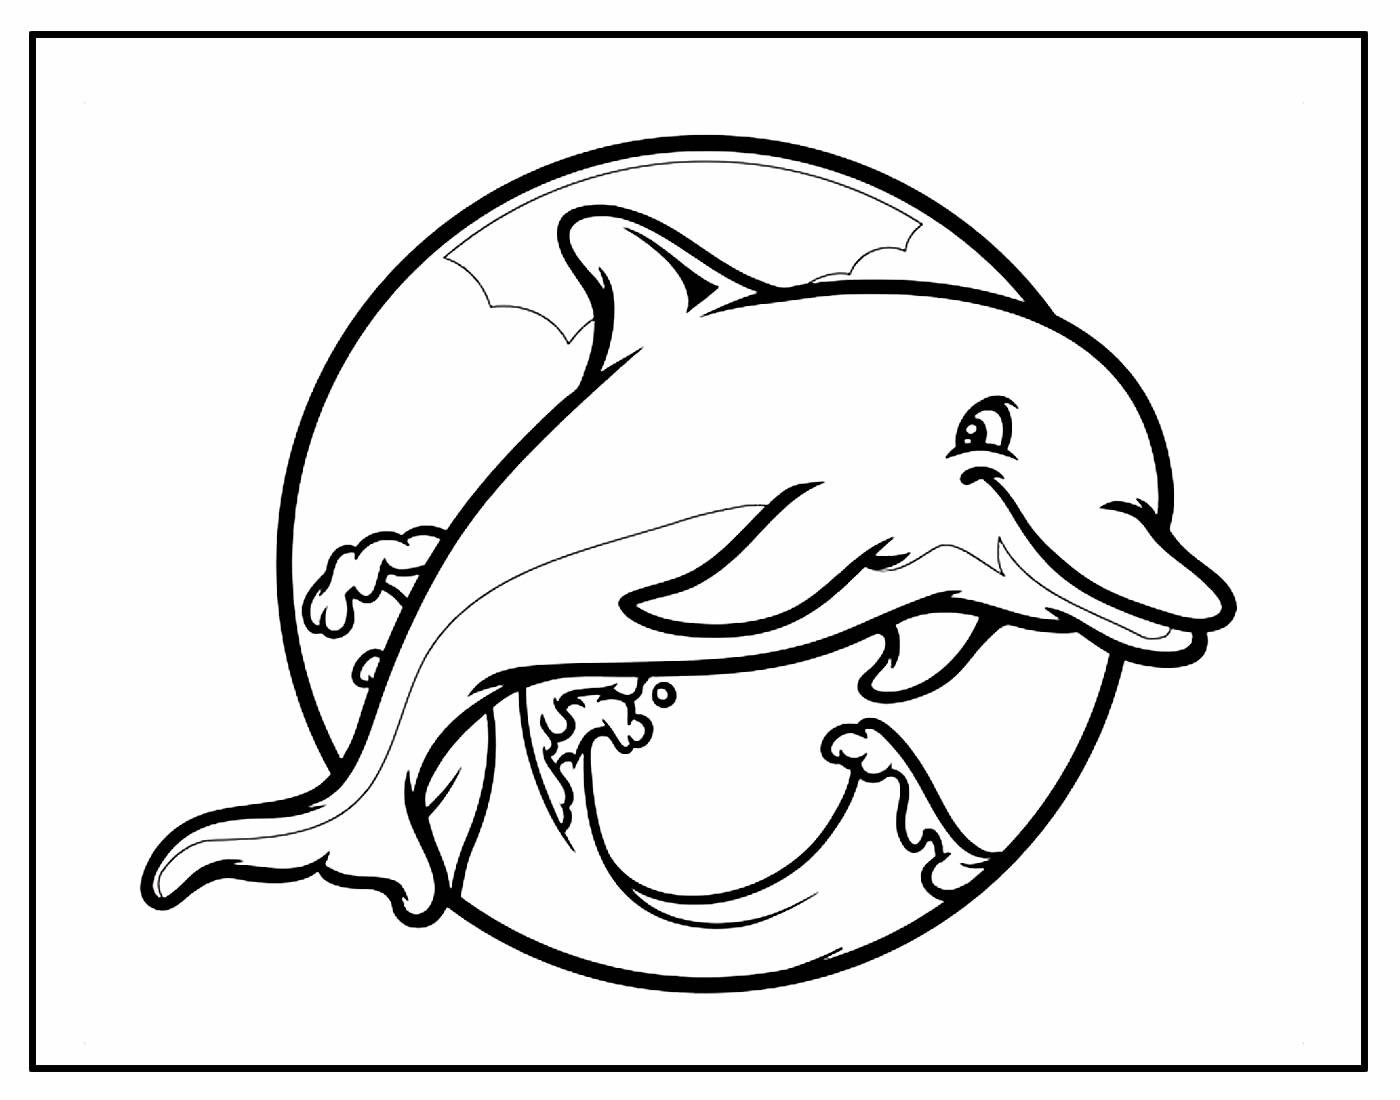 Desenho para colorir de Golfinho